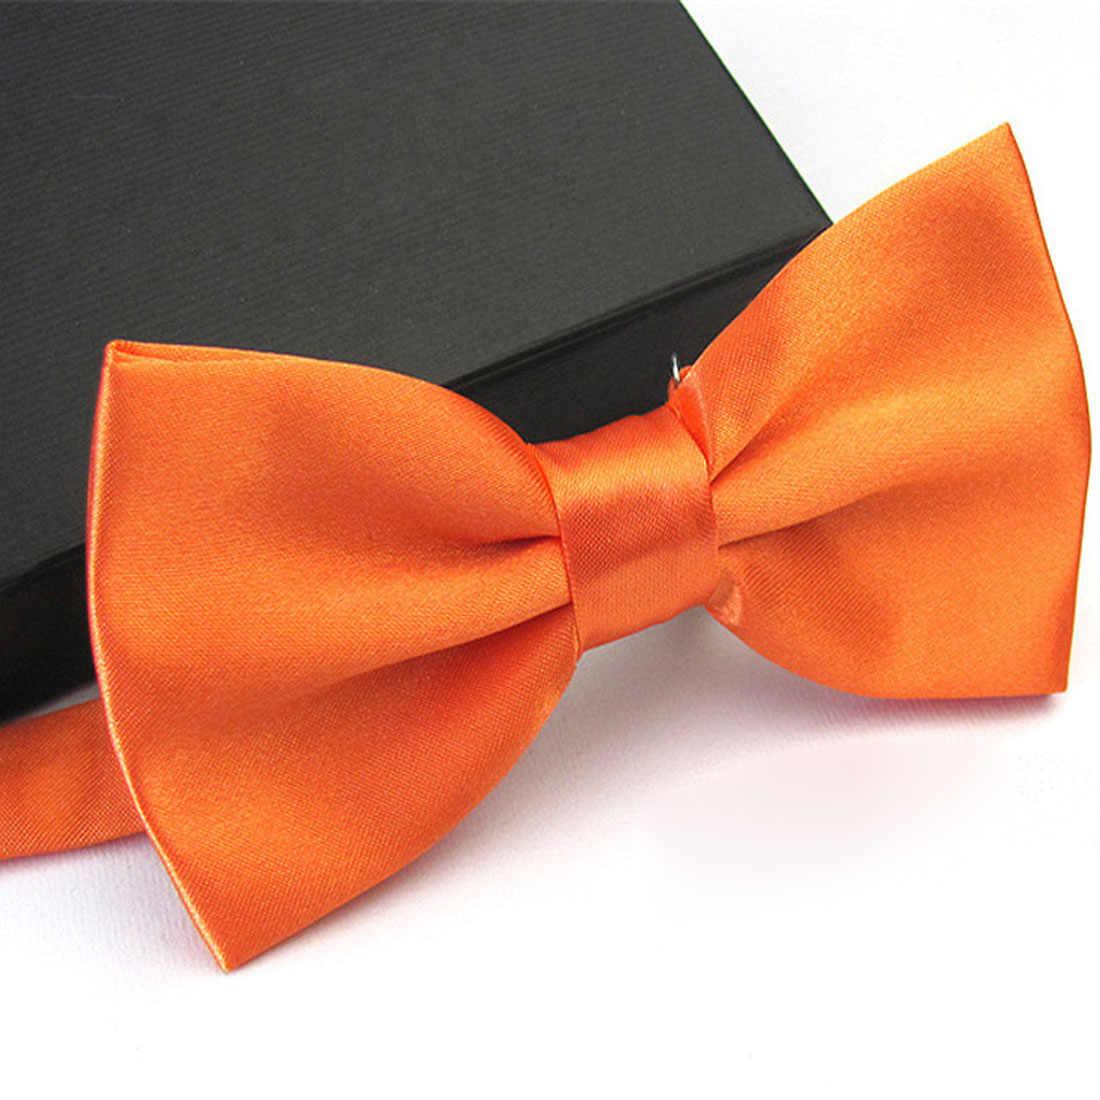 Moda erkekler smokin klasik kravatlar katı renk kelebek papyon düğün parti papyon yay basit damat kravat yüksek kalite